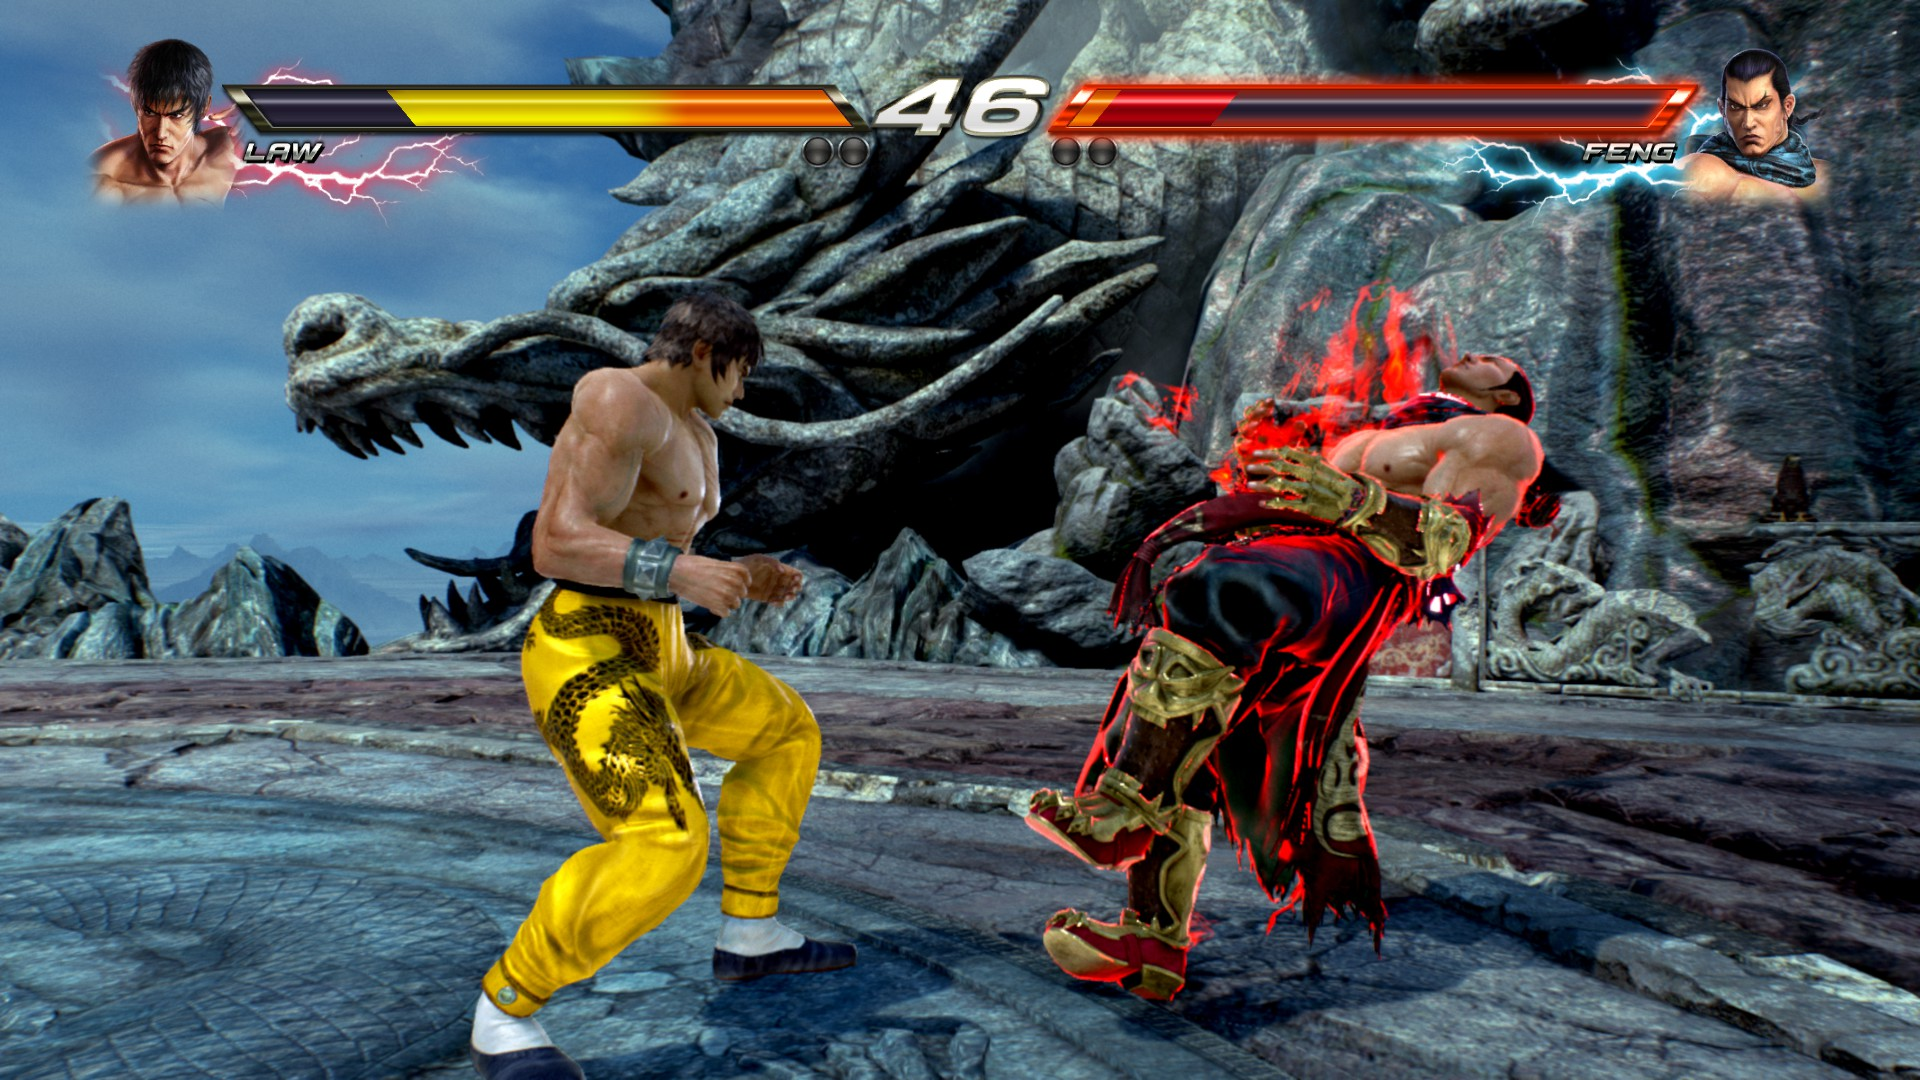 Tekken 7 - jde se bojovat o čest, slávu, peníze a nový klobouk 145297